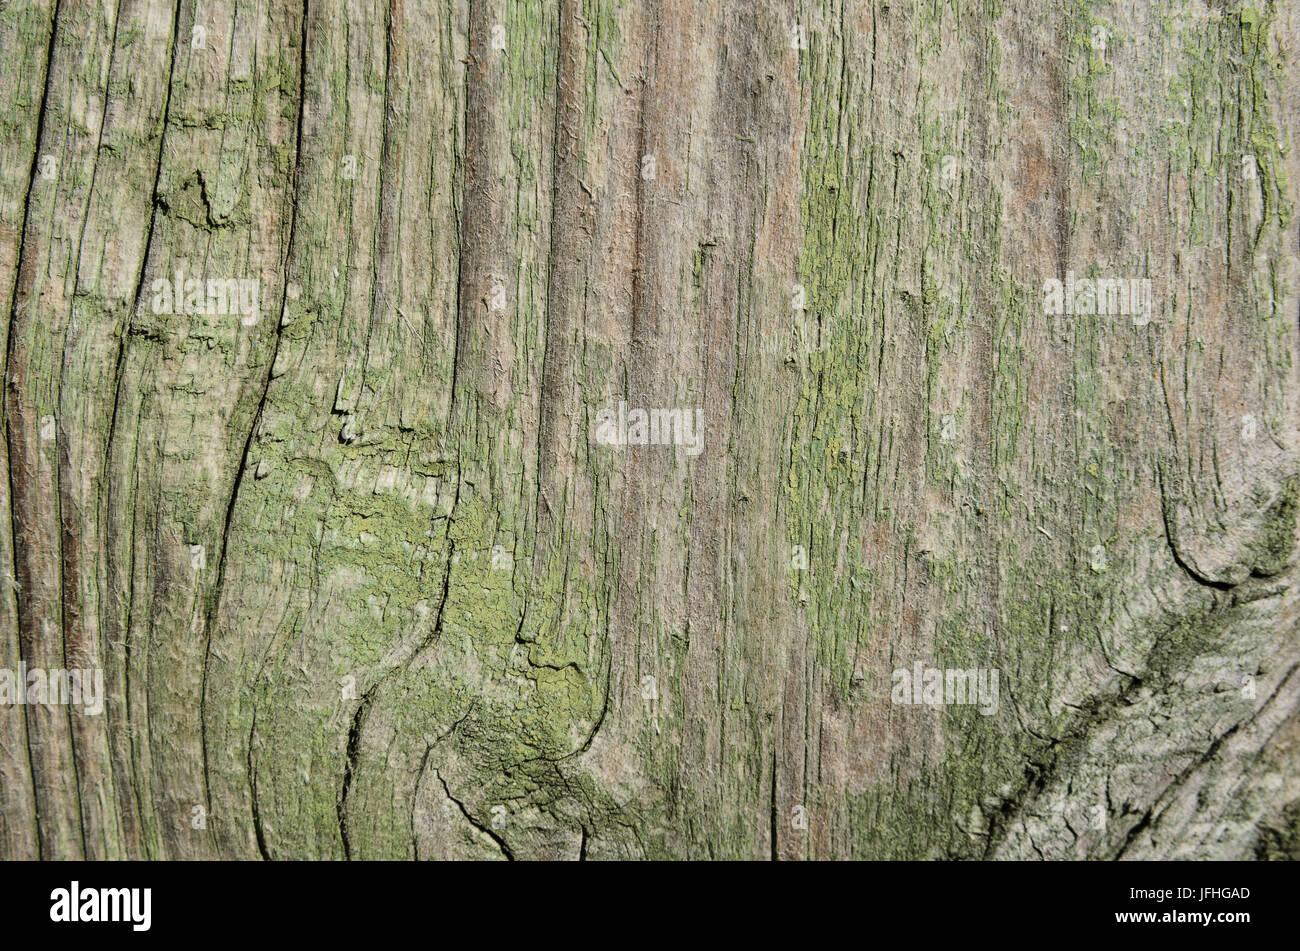 La texture d'arbre de sélection de peinture verte avec des lignes verticales avec noeuds et motifs Banque D'Images